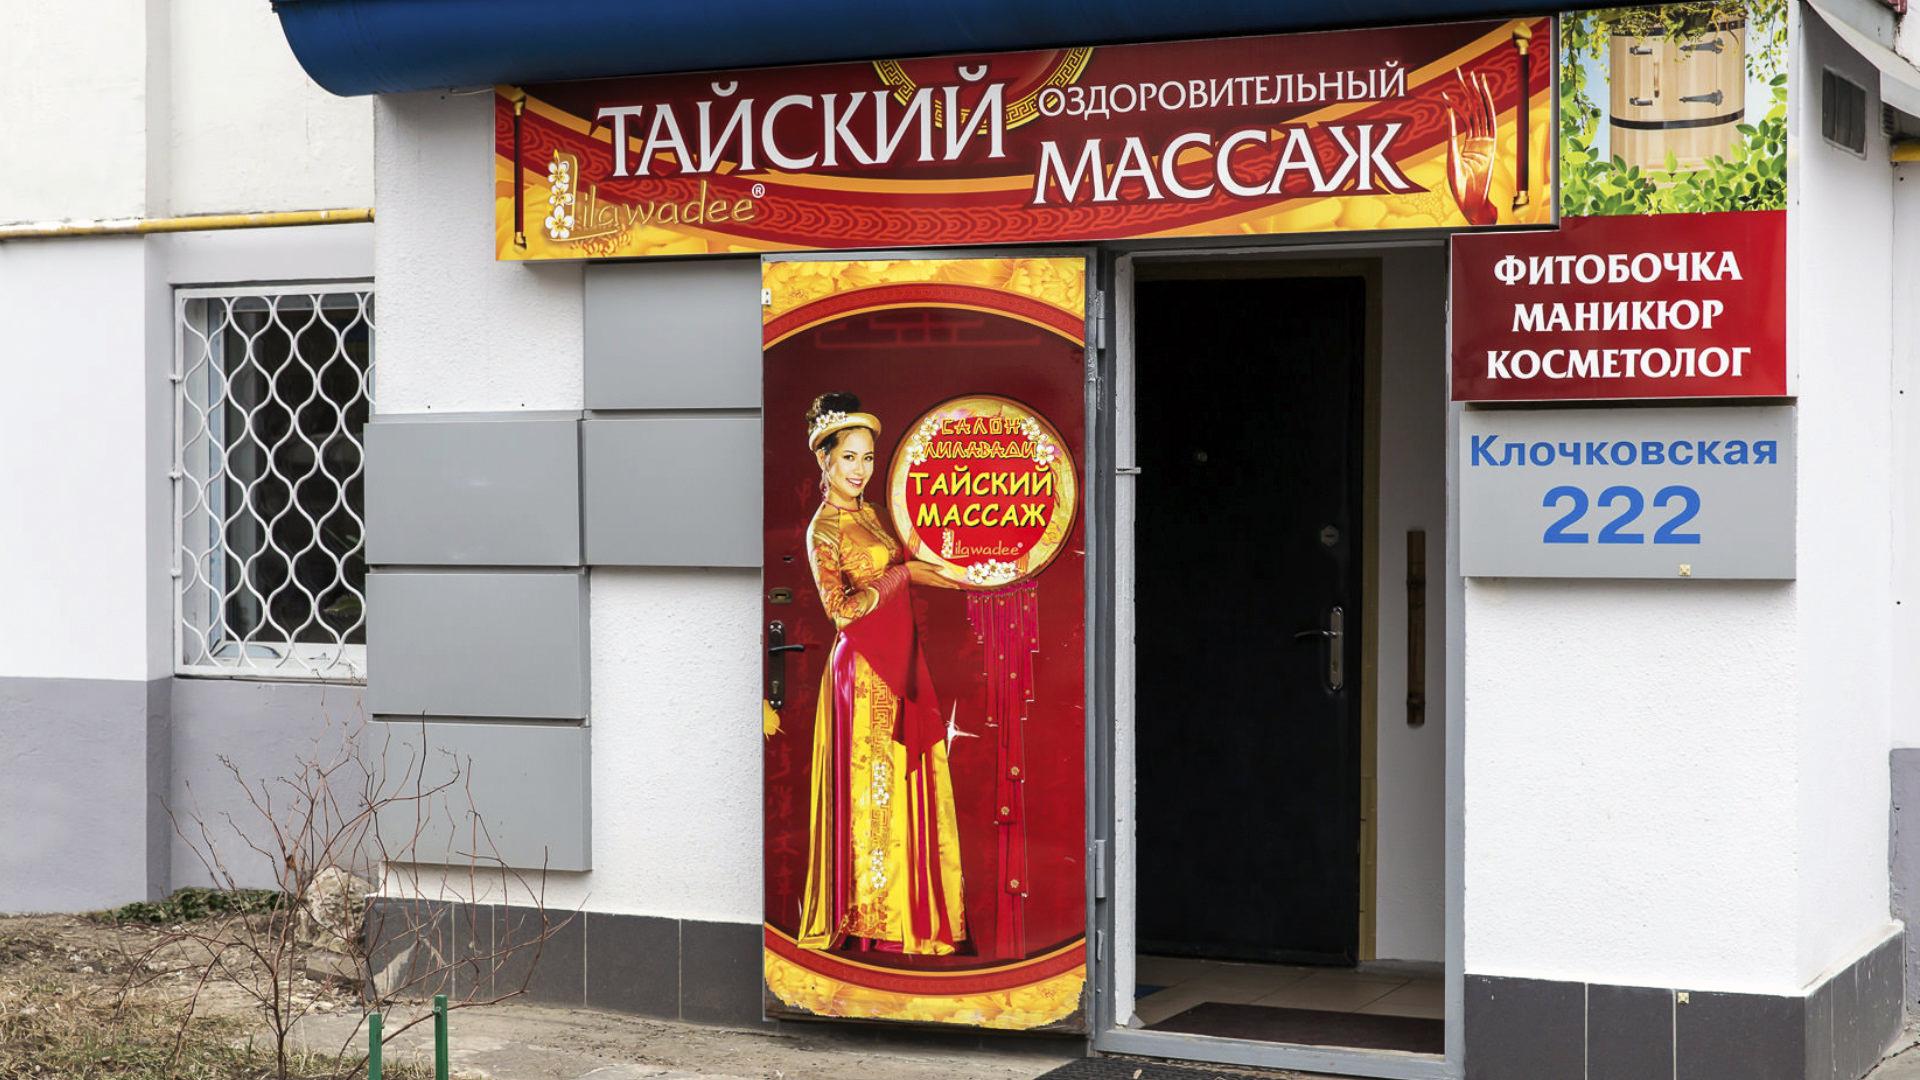 «Лилавади», г. Харьков, ул. Клочковская 222